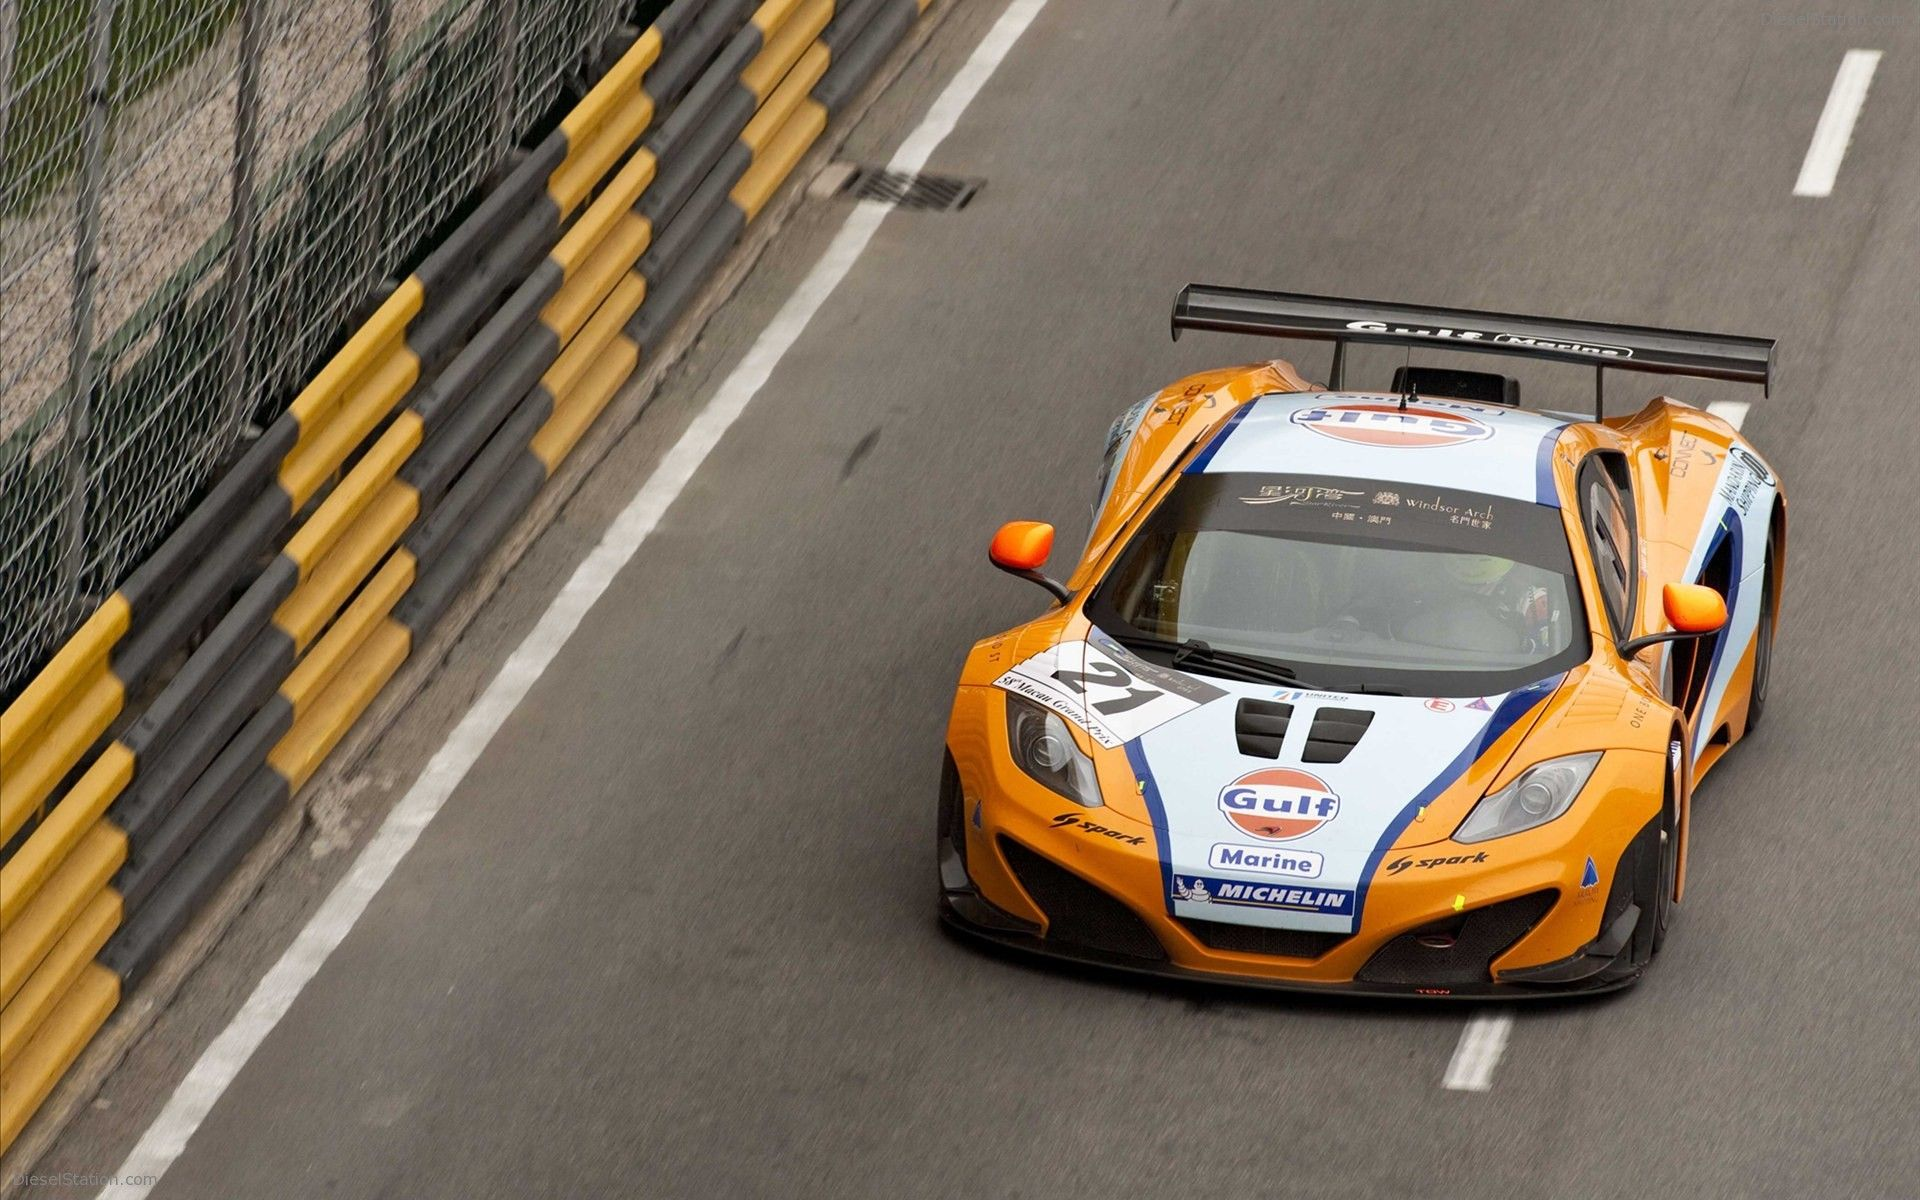 McLaren MP4 12C GT3 in Macau 2011 | Trucks | Pinterest | Mp4 12c ...